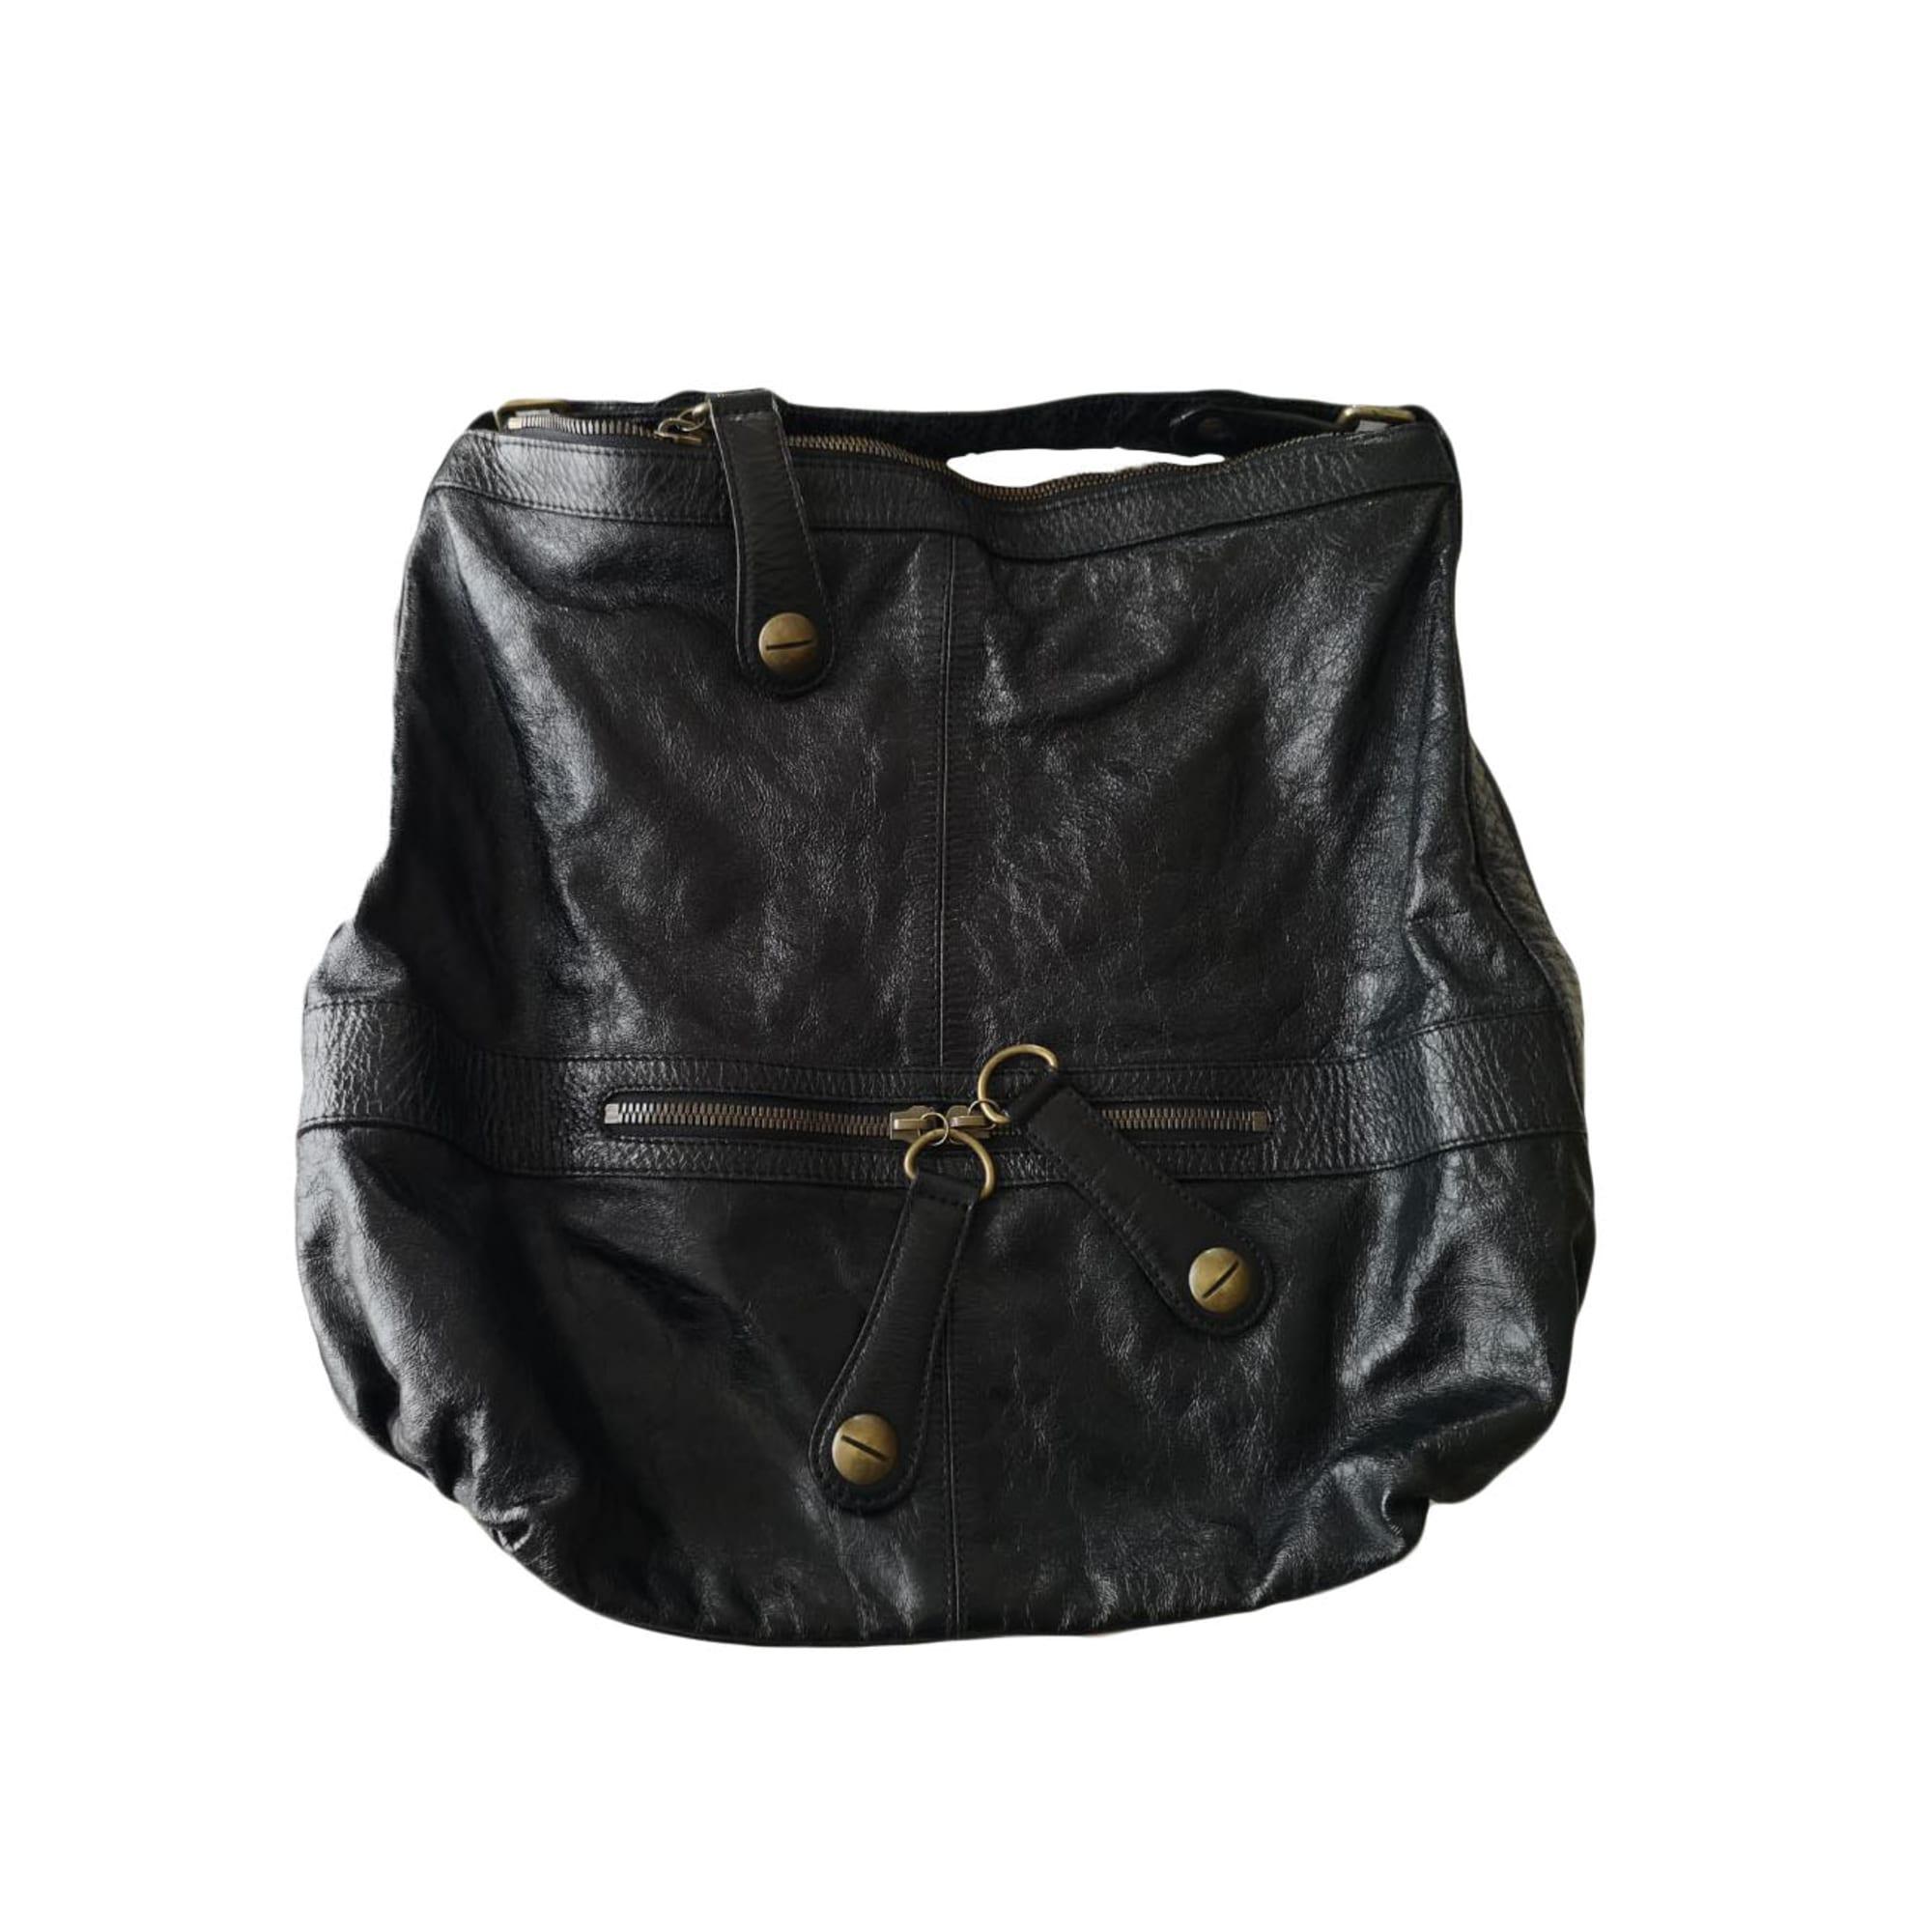 Sac en bandoulière en cuir GERARD DAREL noir - 8232587 3f5c89fa16e5